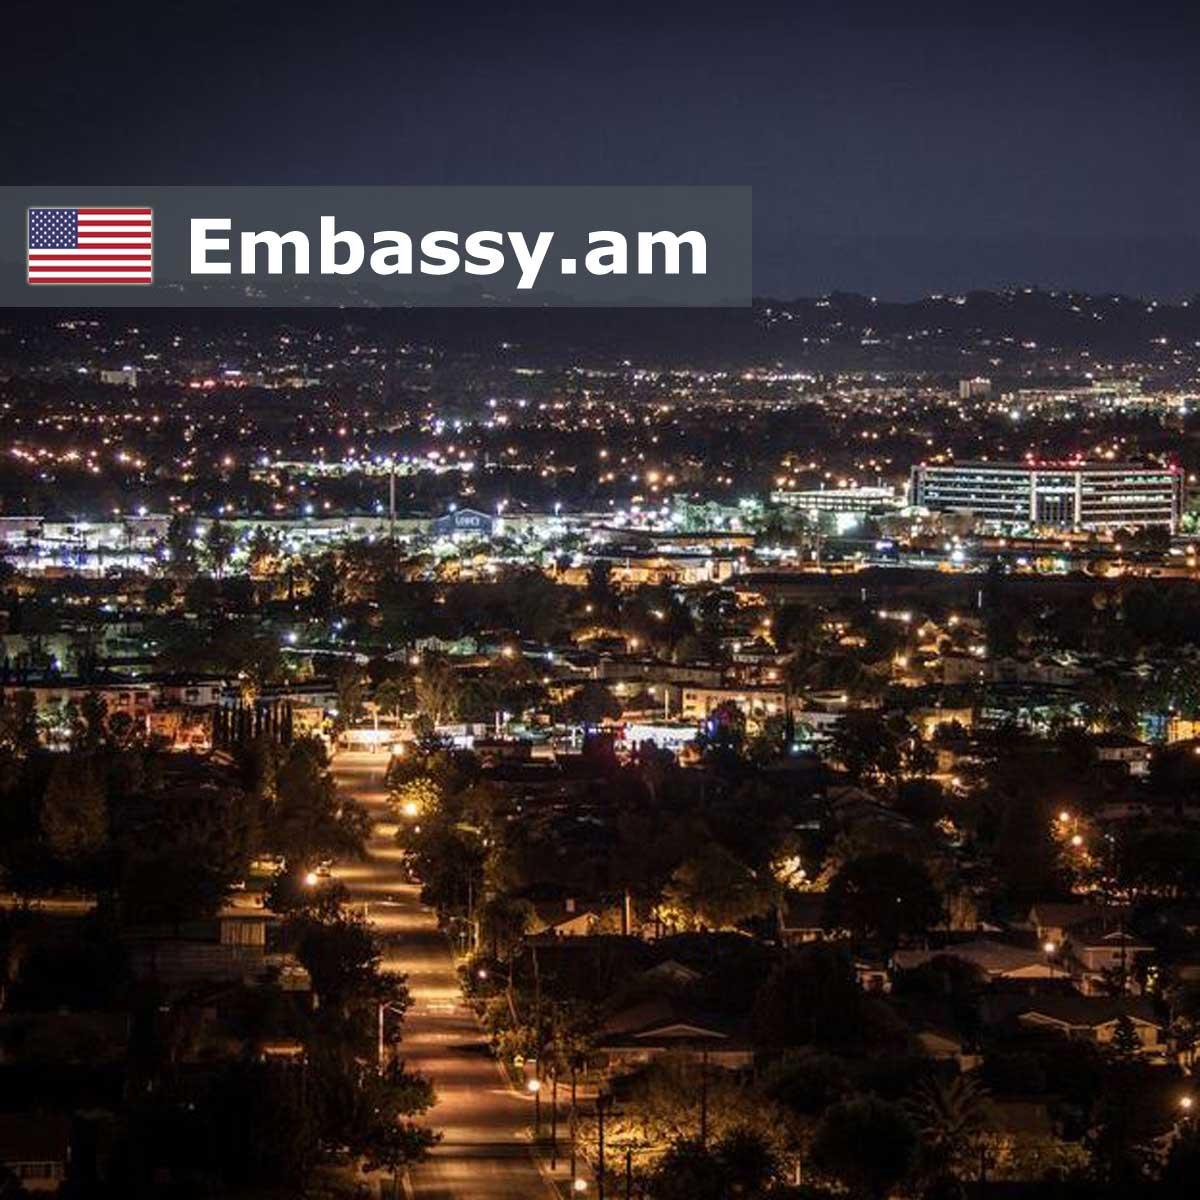 Глендейл - Отели в США - Embassy.am